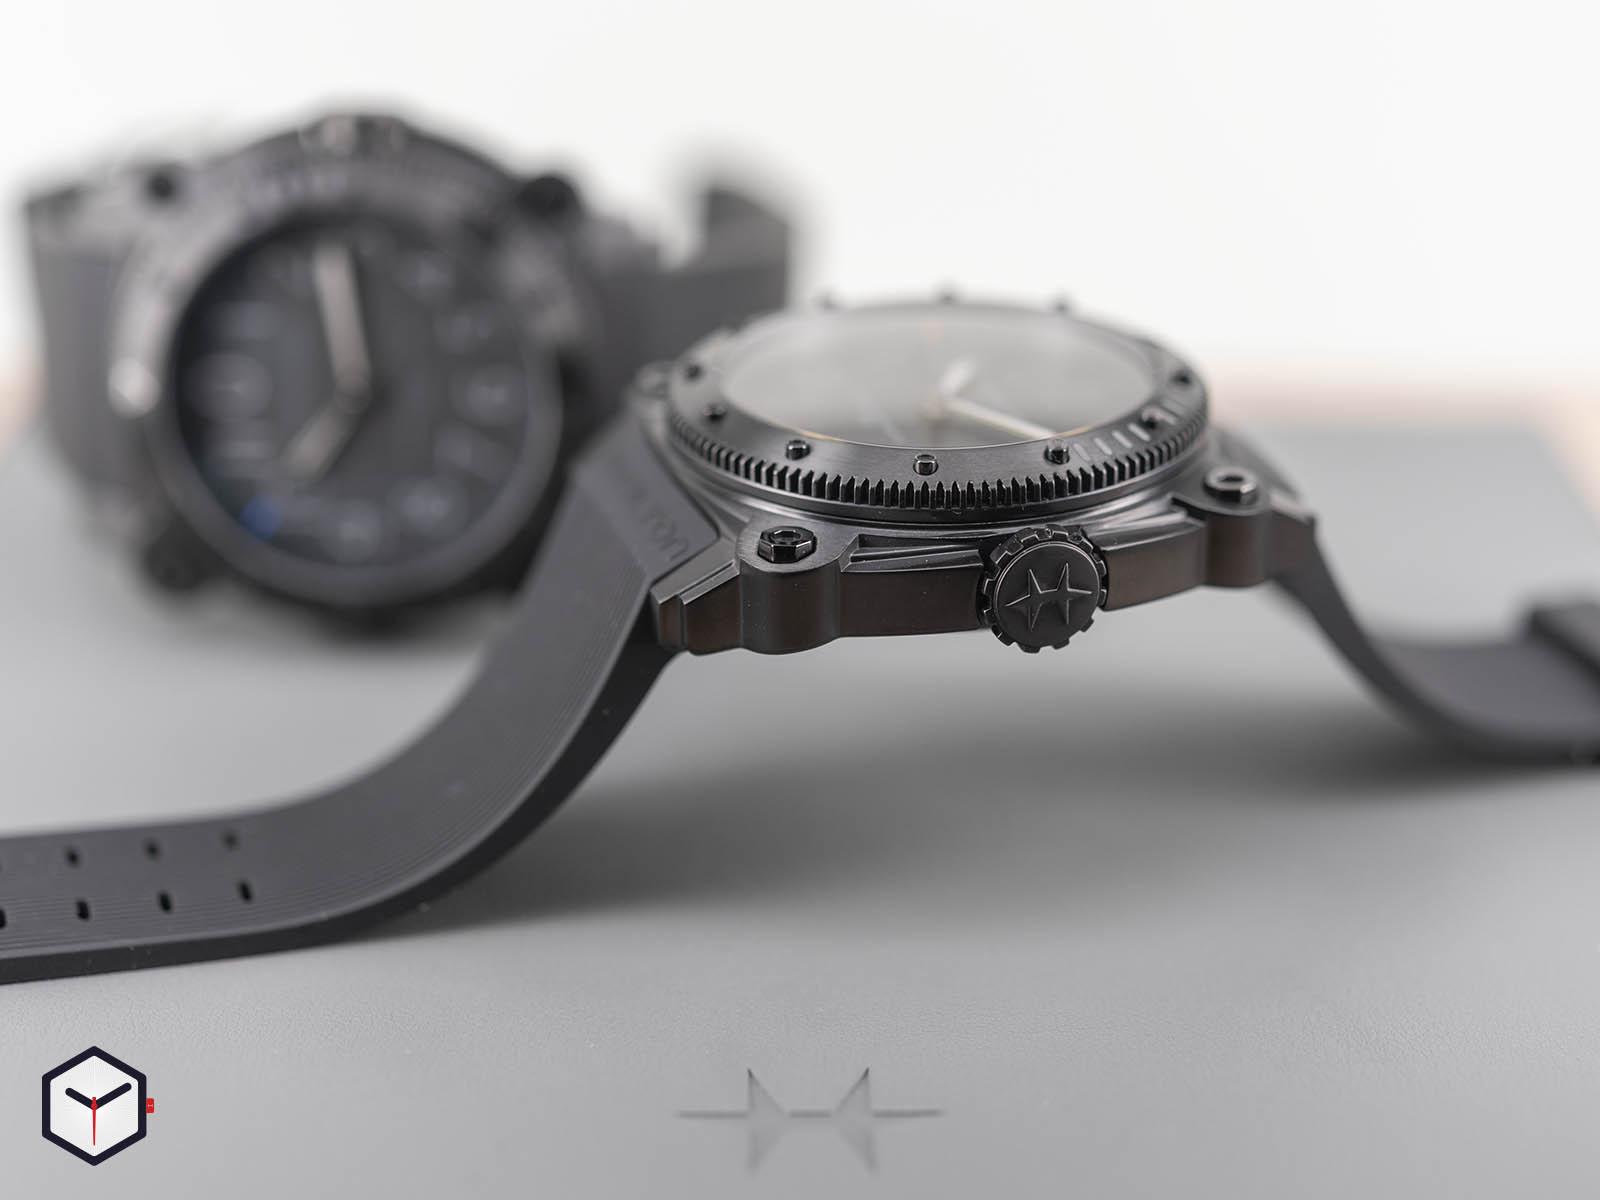 h78505332-hamilton-khaki-navy-belowzero-5.jpg